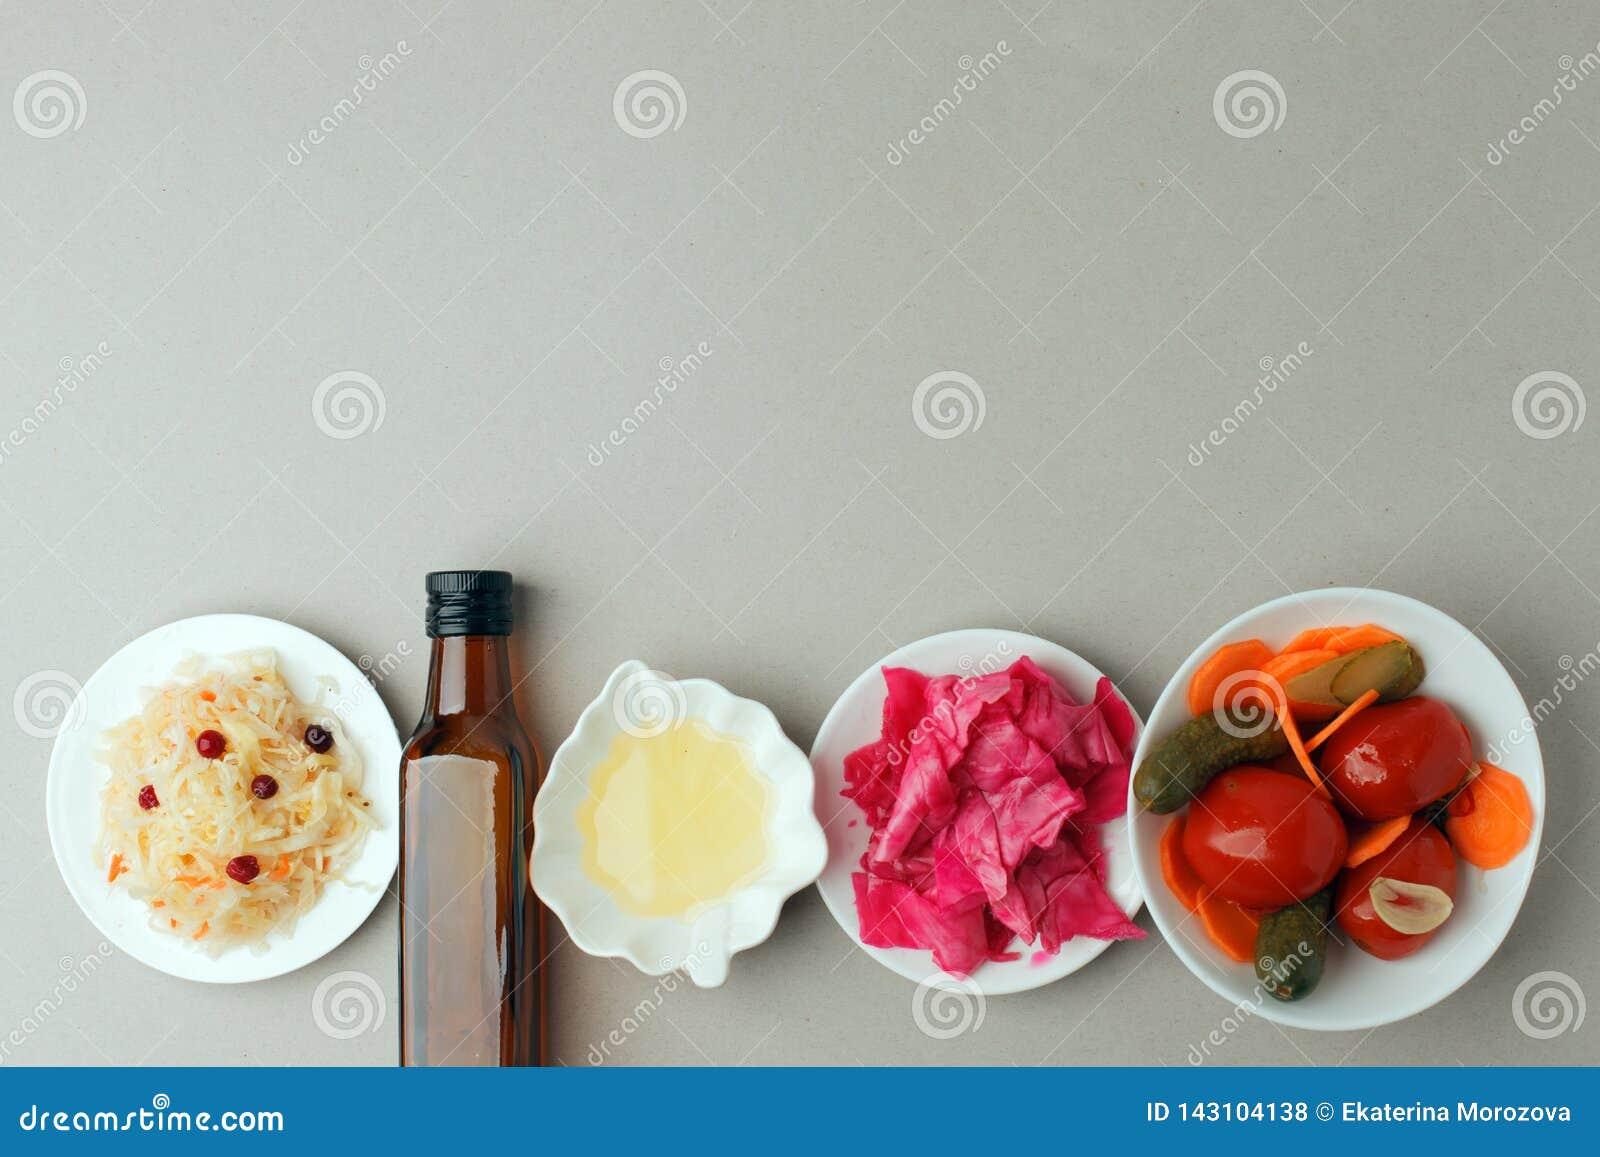 Verdure fermentate sul piatto su fondo grigio: crauti, cavolo marinato con barbabietola, cetrioli marinati, carote e